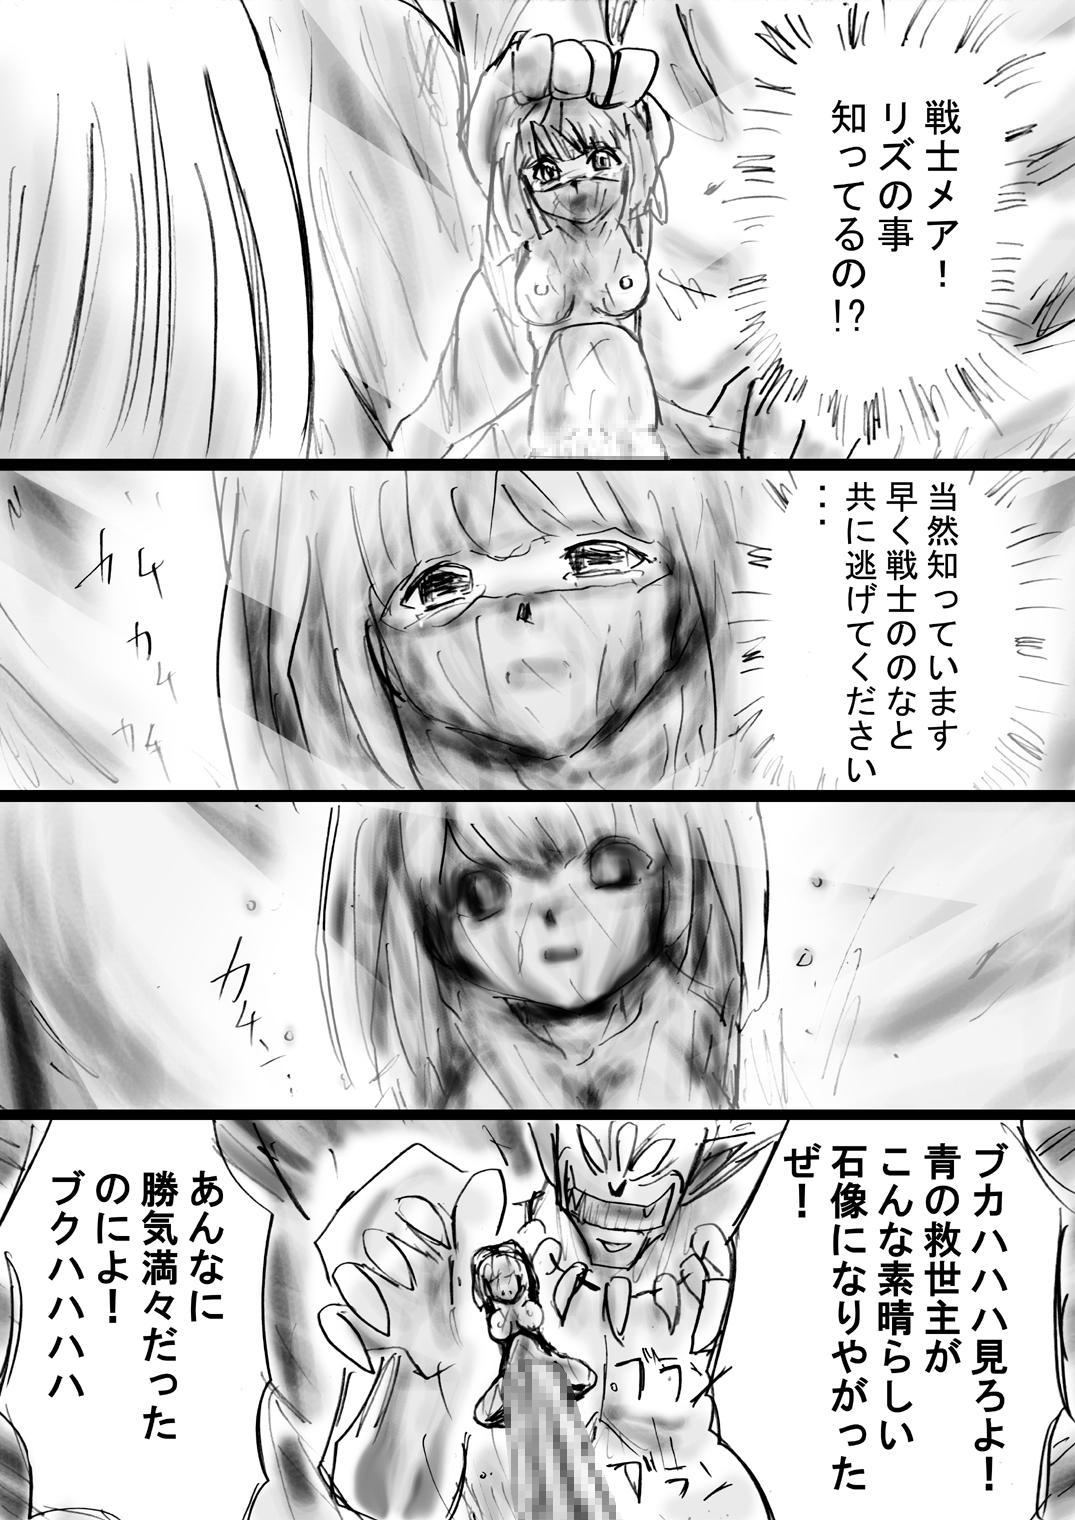 [Dende] Fushigi Sekai -Mystery World- no Nona 17 ~ Taiketsu Fujimi no Dai Inma Dakurasu, Kanzen Sekka no Kyoufu 36